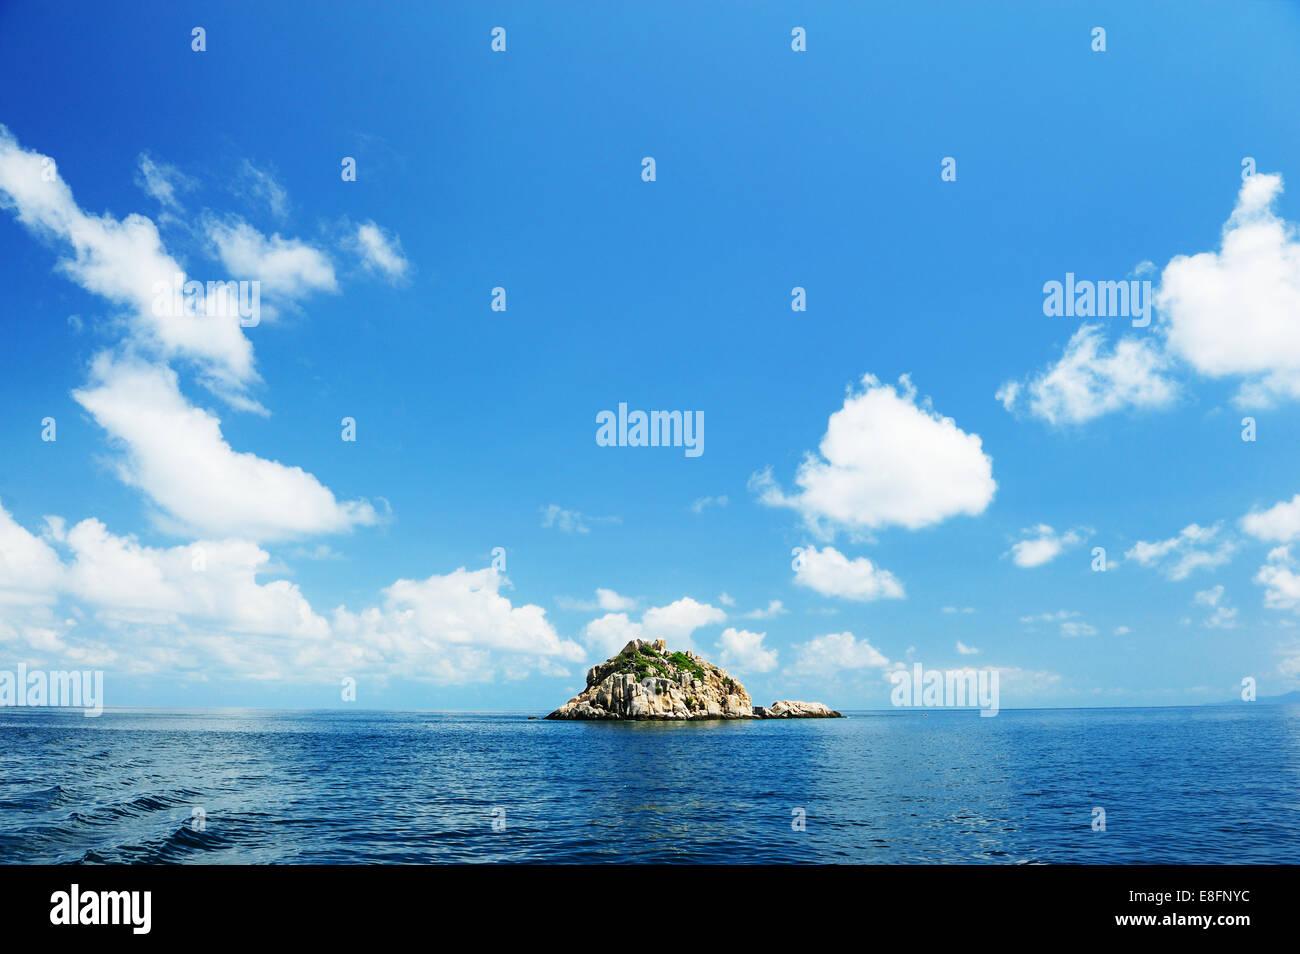 Kho tao island, Thailandia Foto Stock